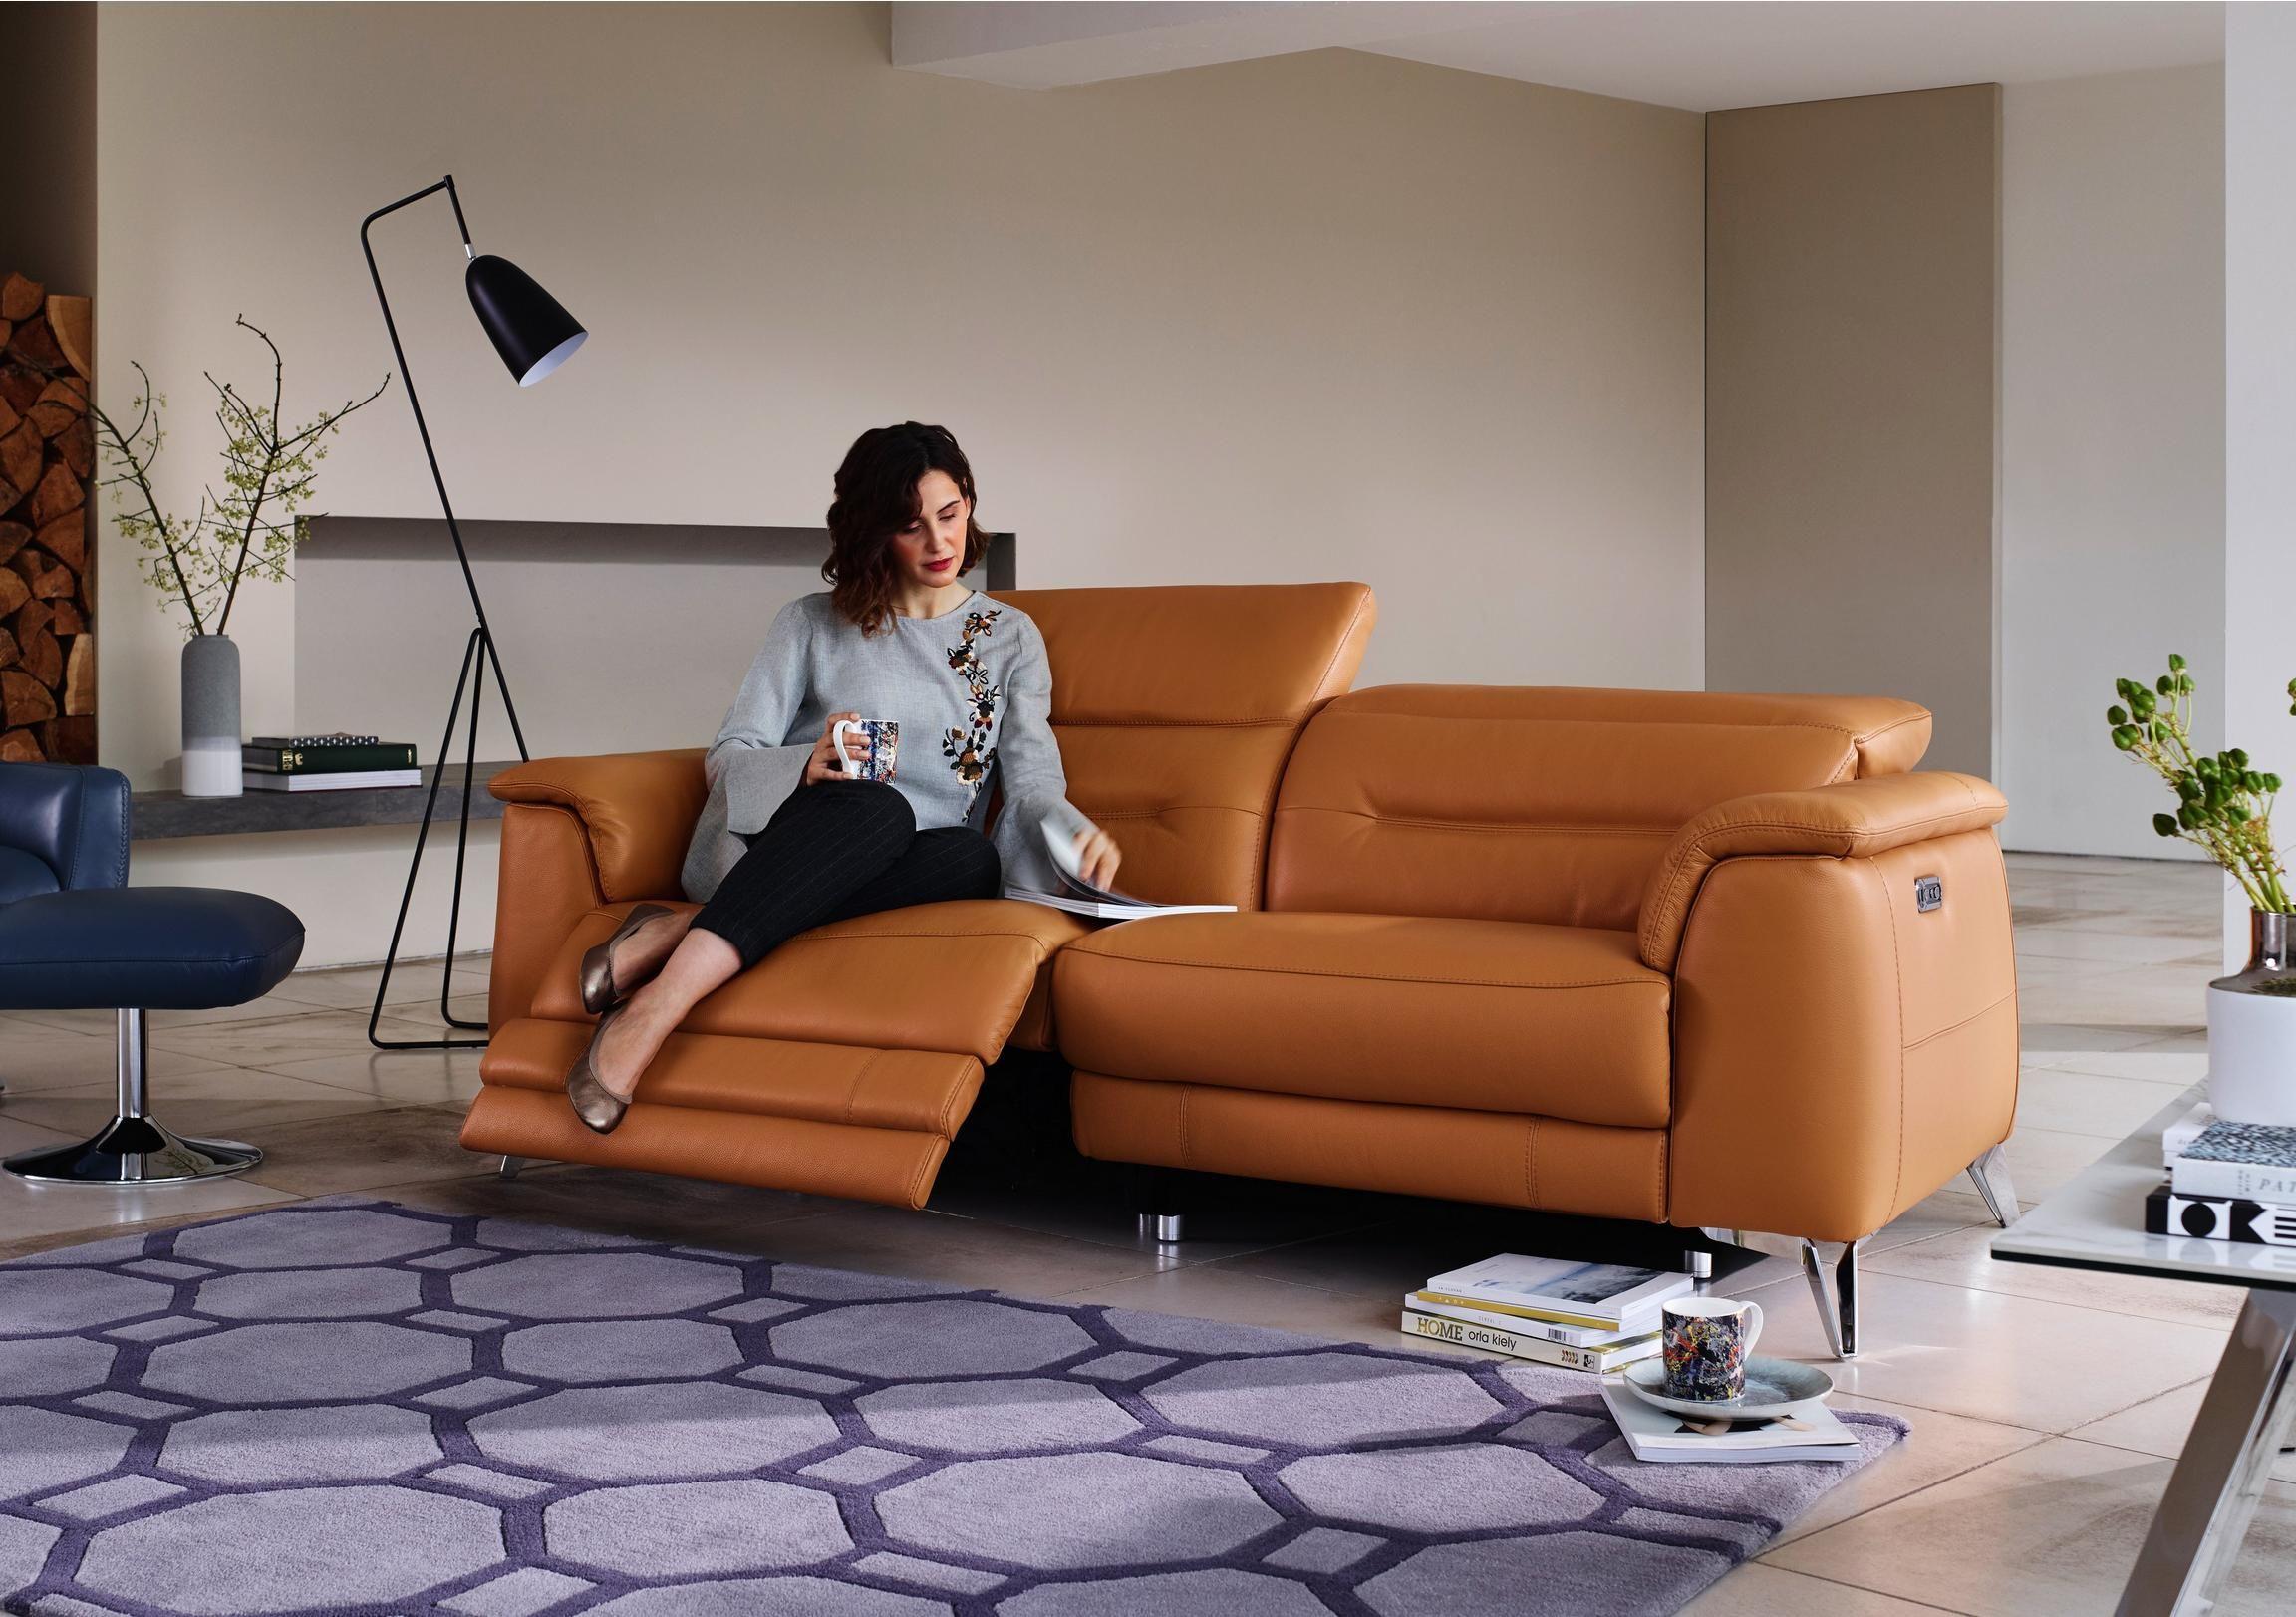 Sanza 3 Seater Leather Sofa | Reclining sofa, Leather sofa